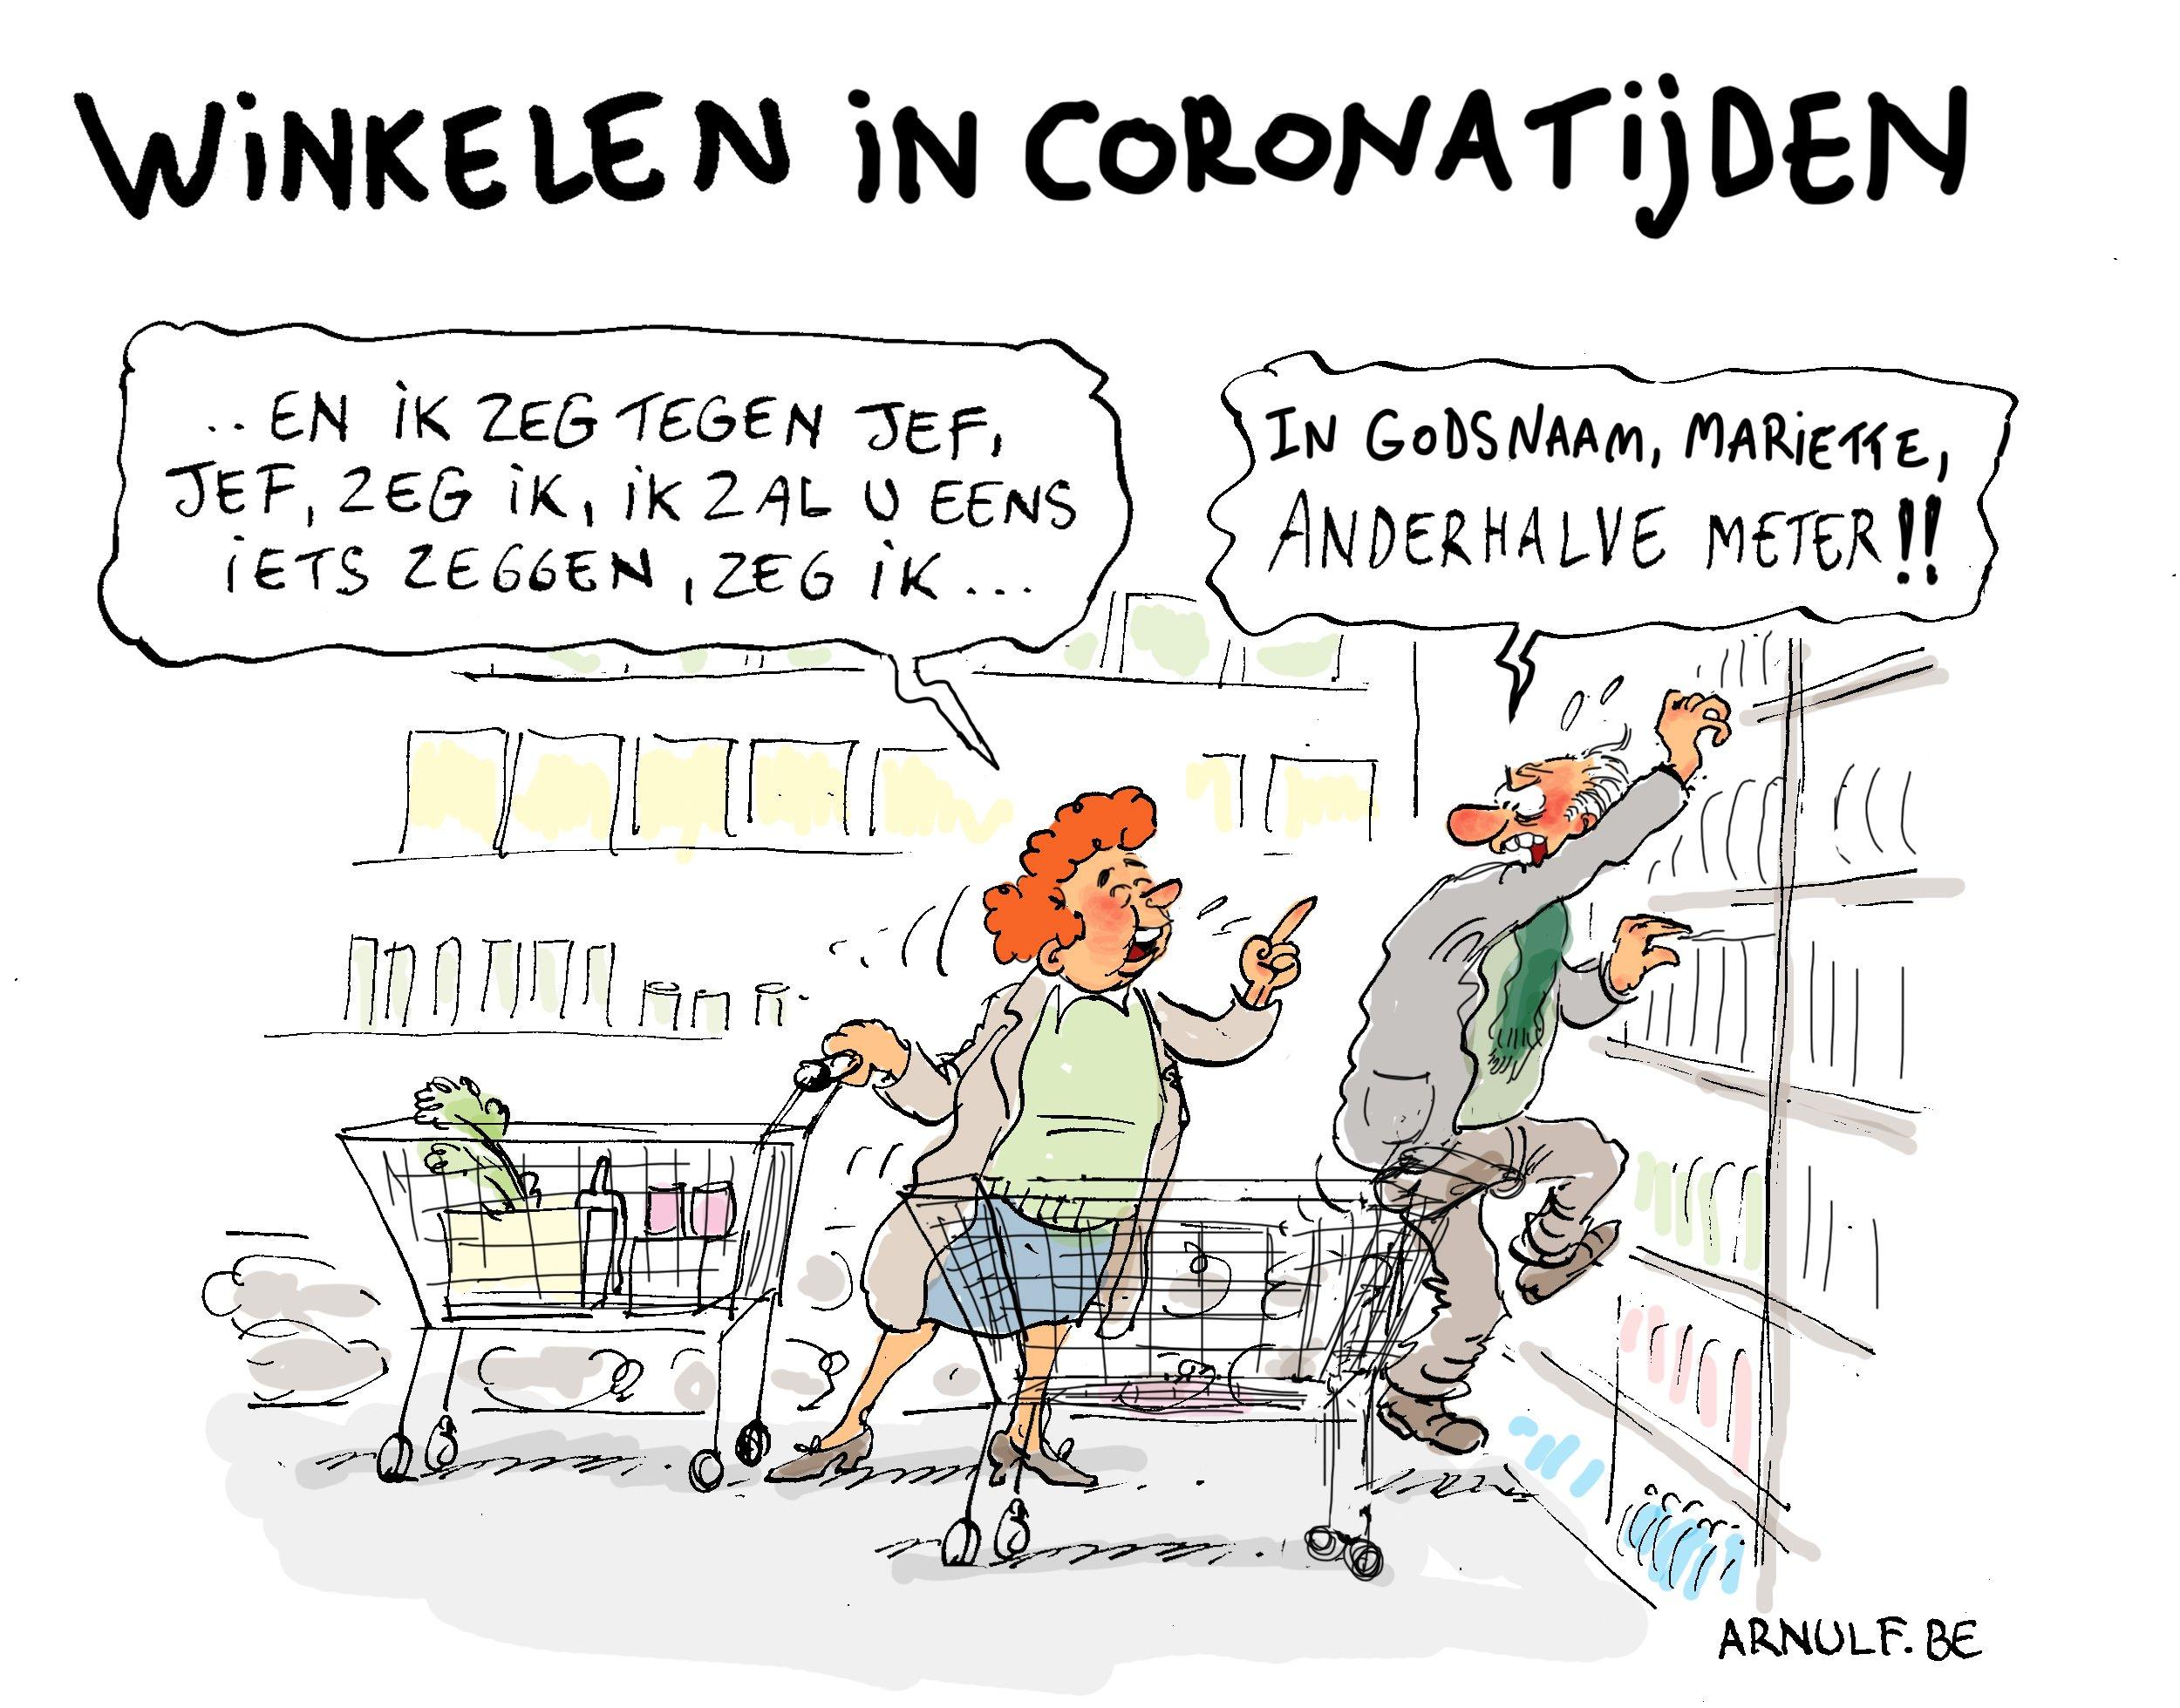 Winkelen in coronatijden